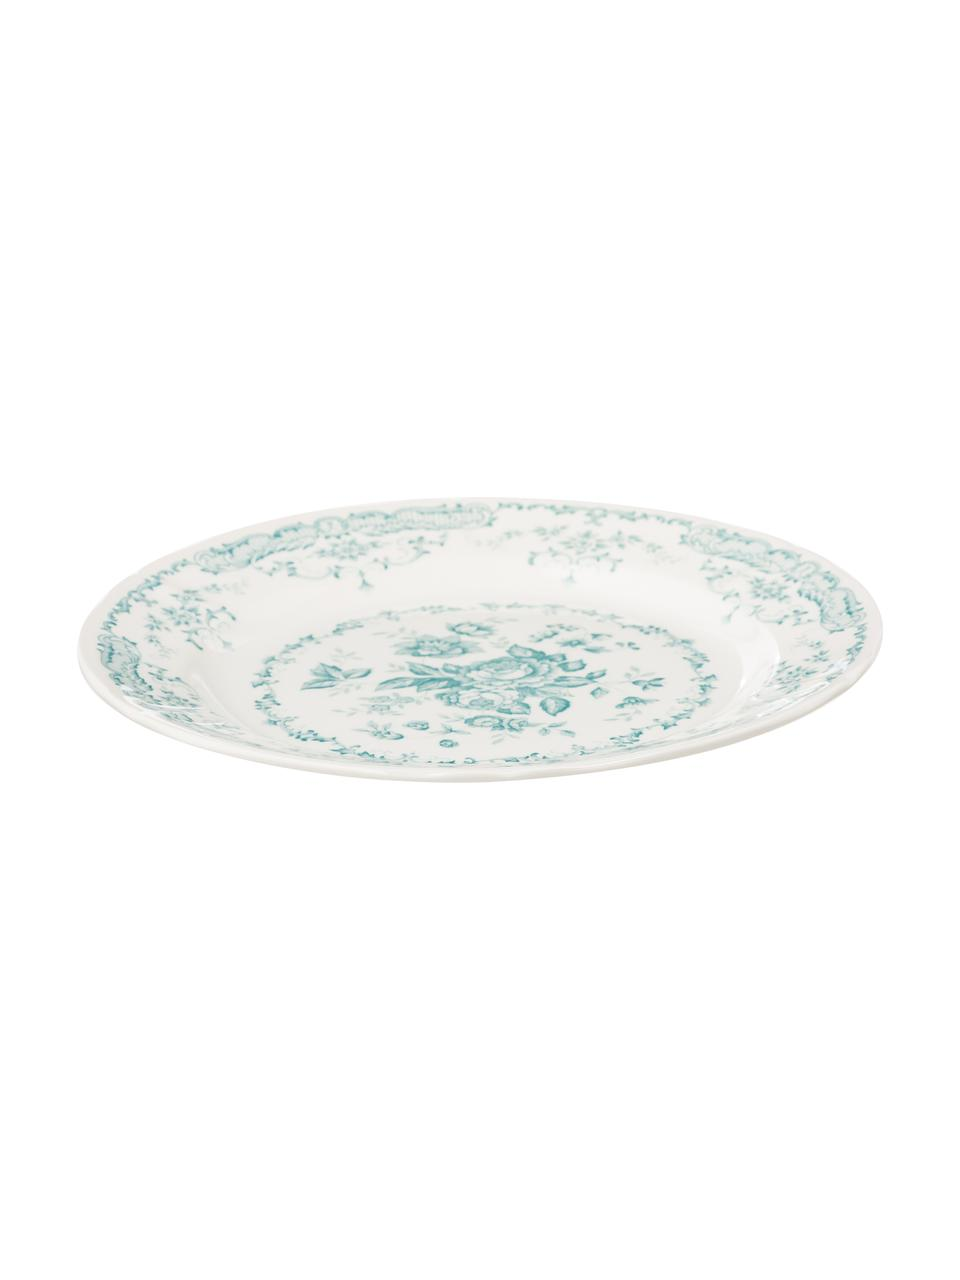 Servizio in porcellana Rose, 18 pz. (6 persone), Ceramica, Bianco, turchese, Set in varie misure